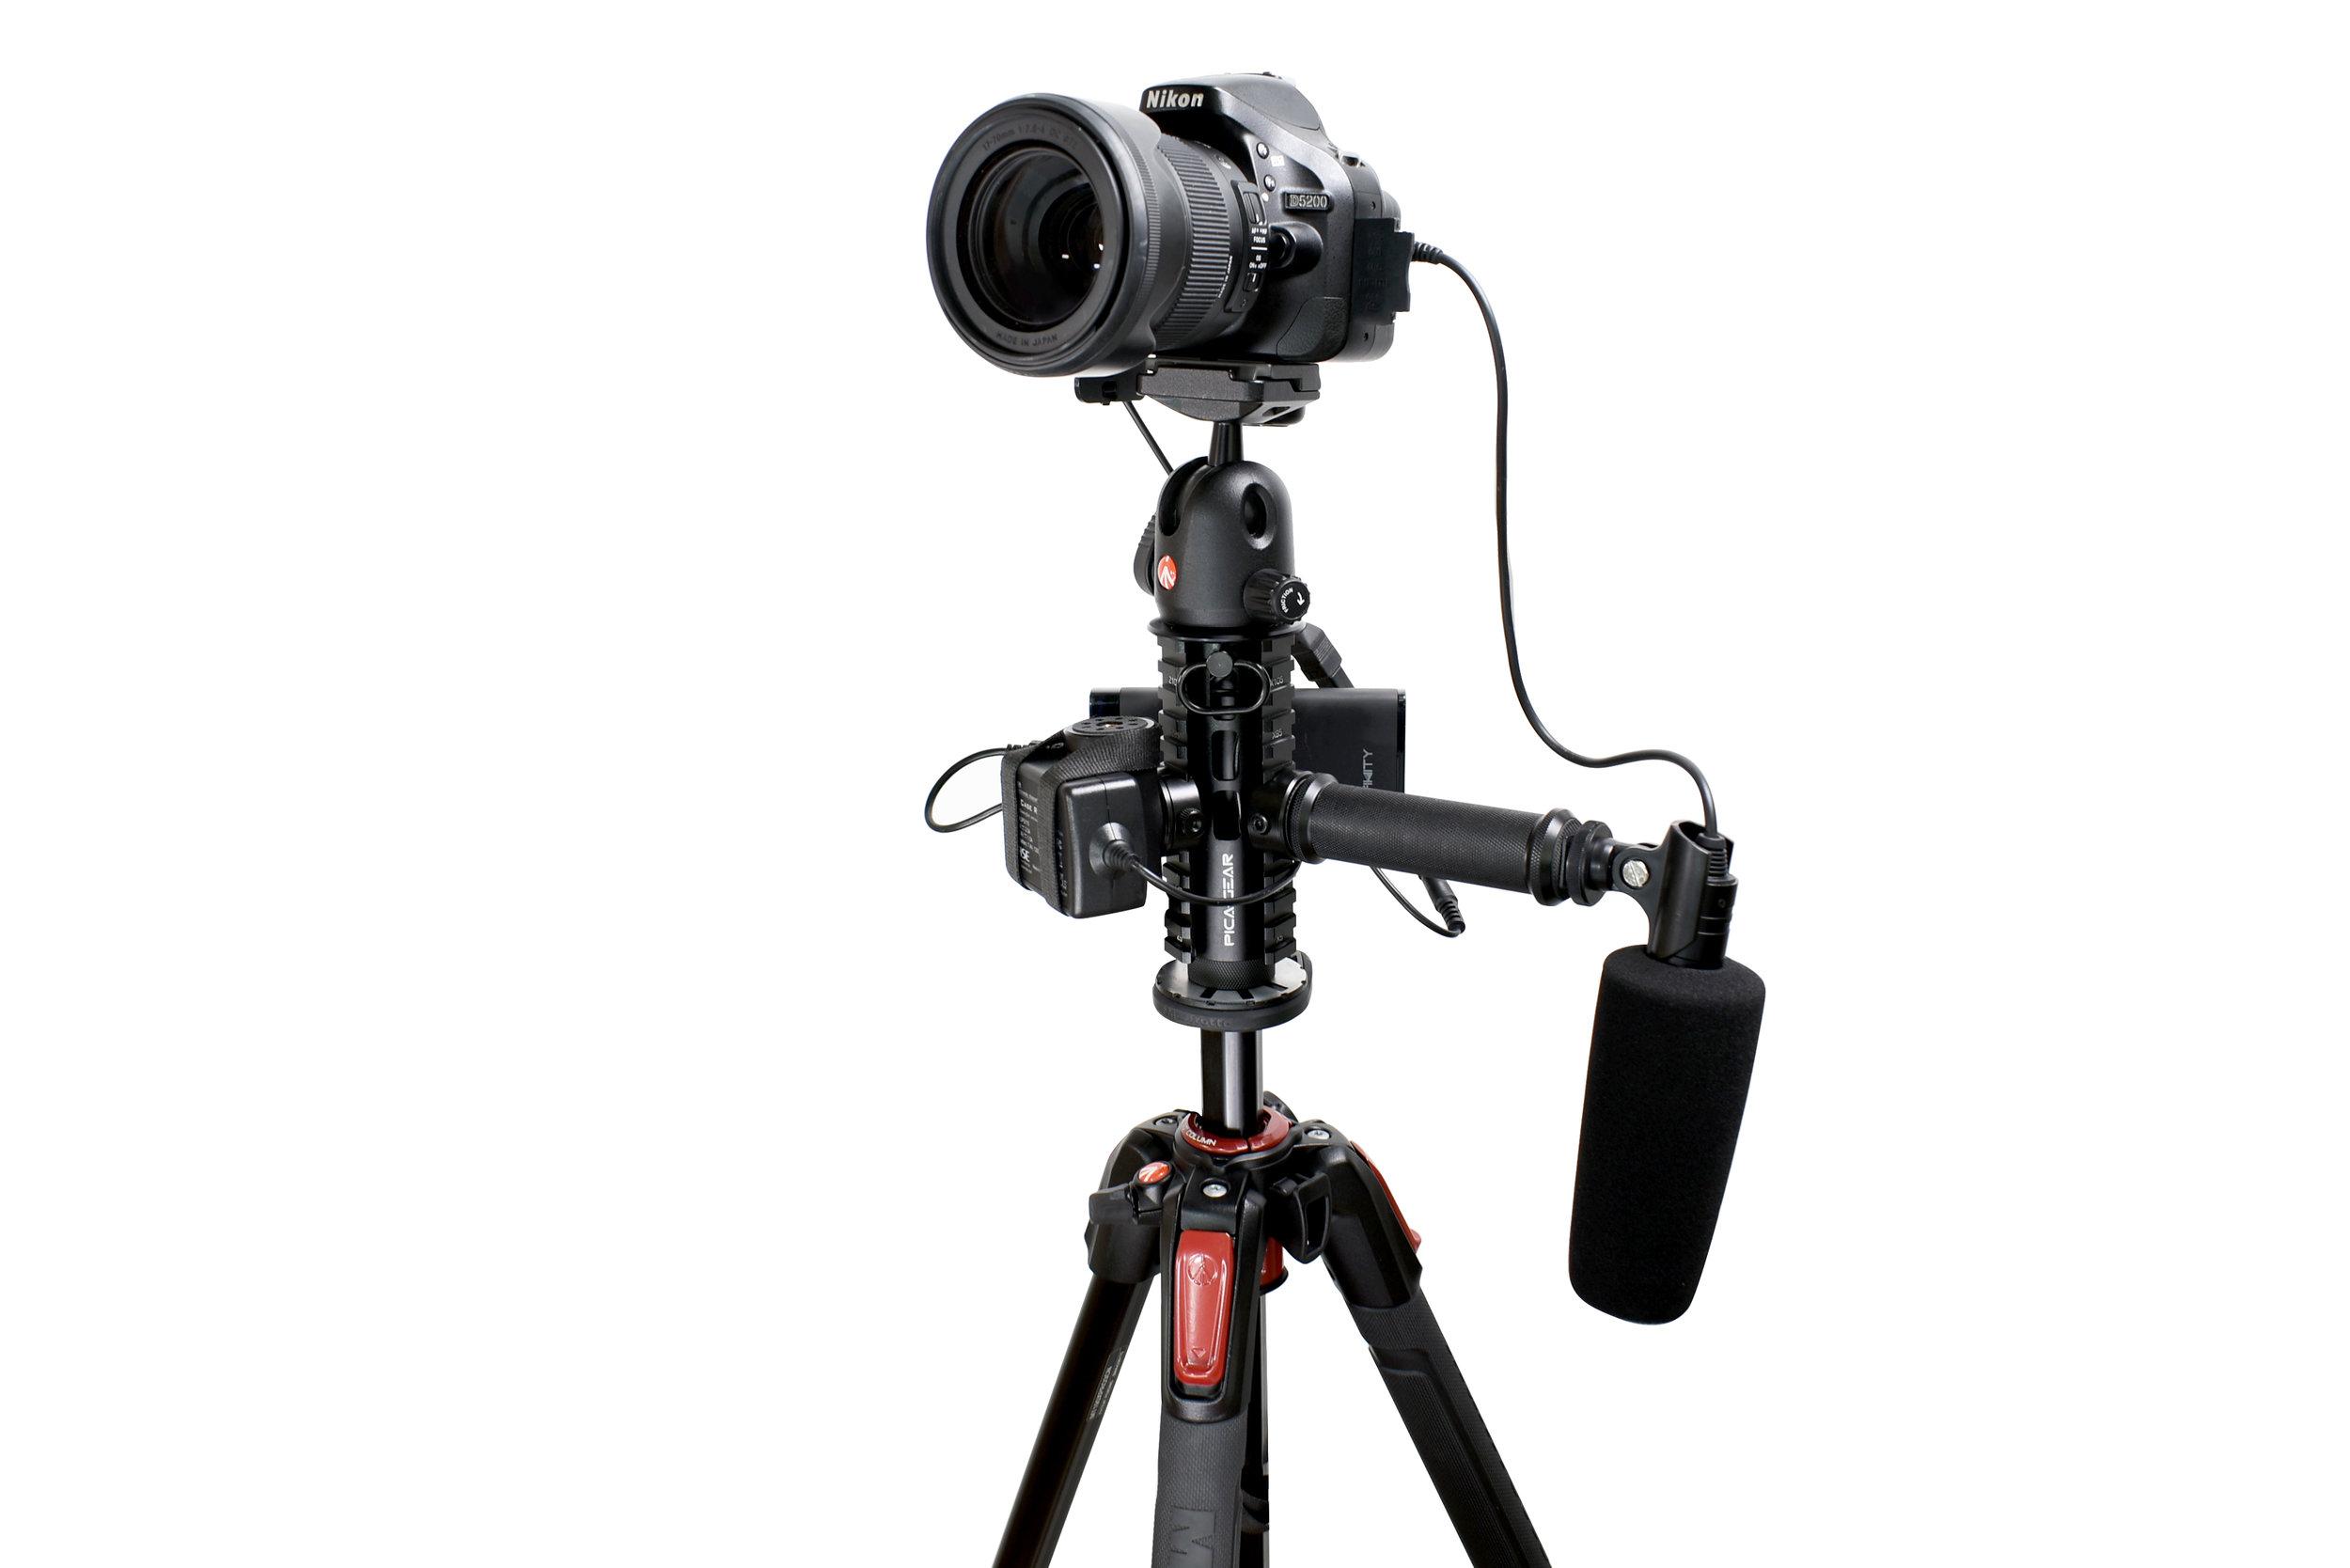 Pica-gear Pica-Pod steady handle DSLR